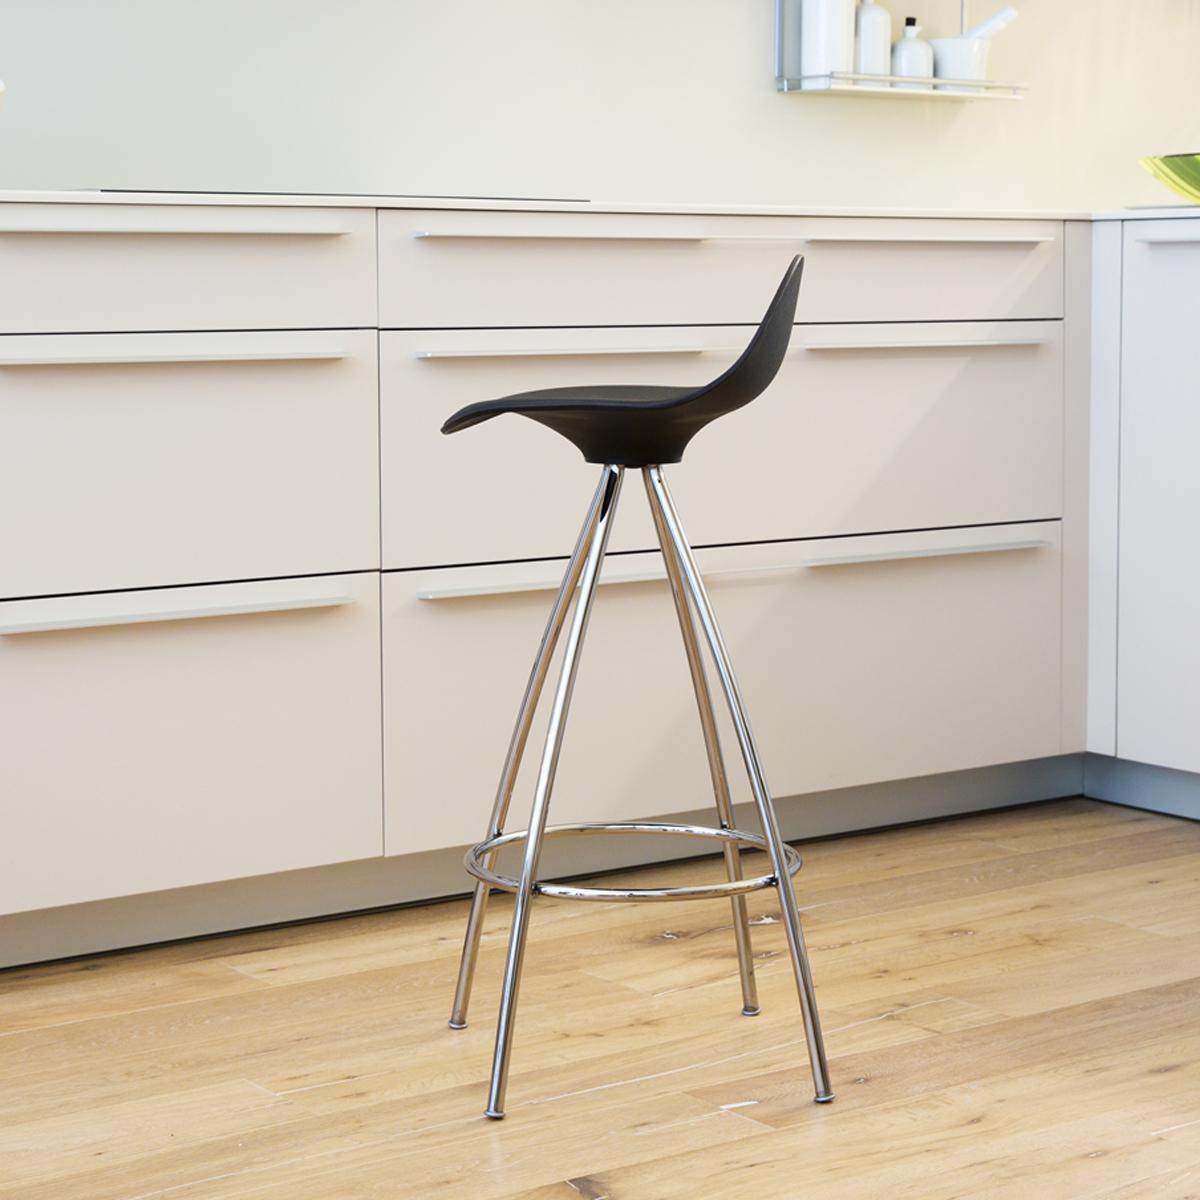 STUA onda bar stool black shell black seat